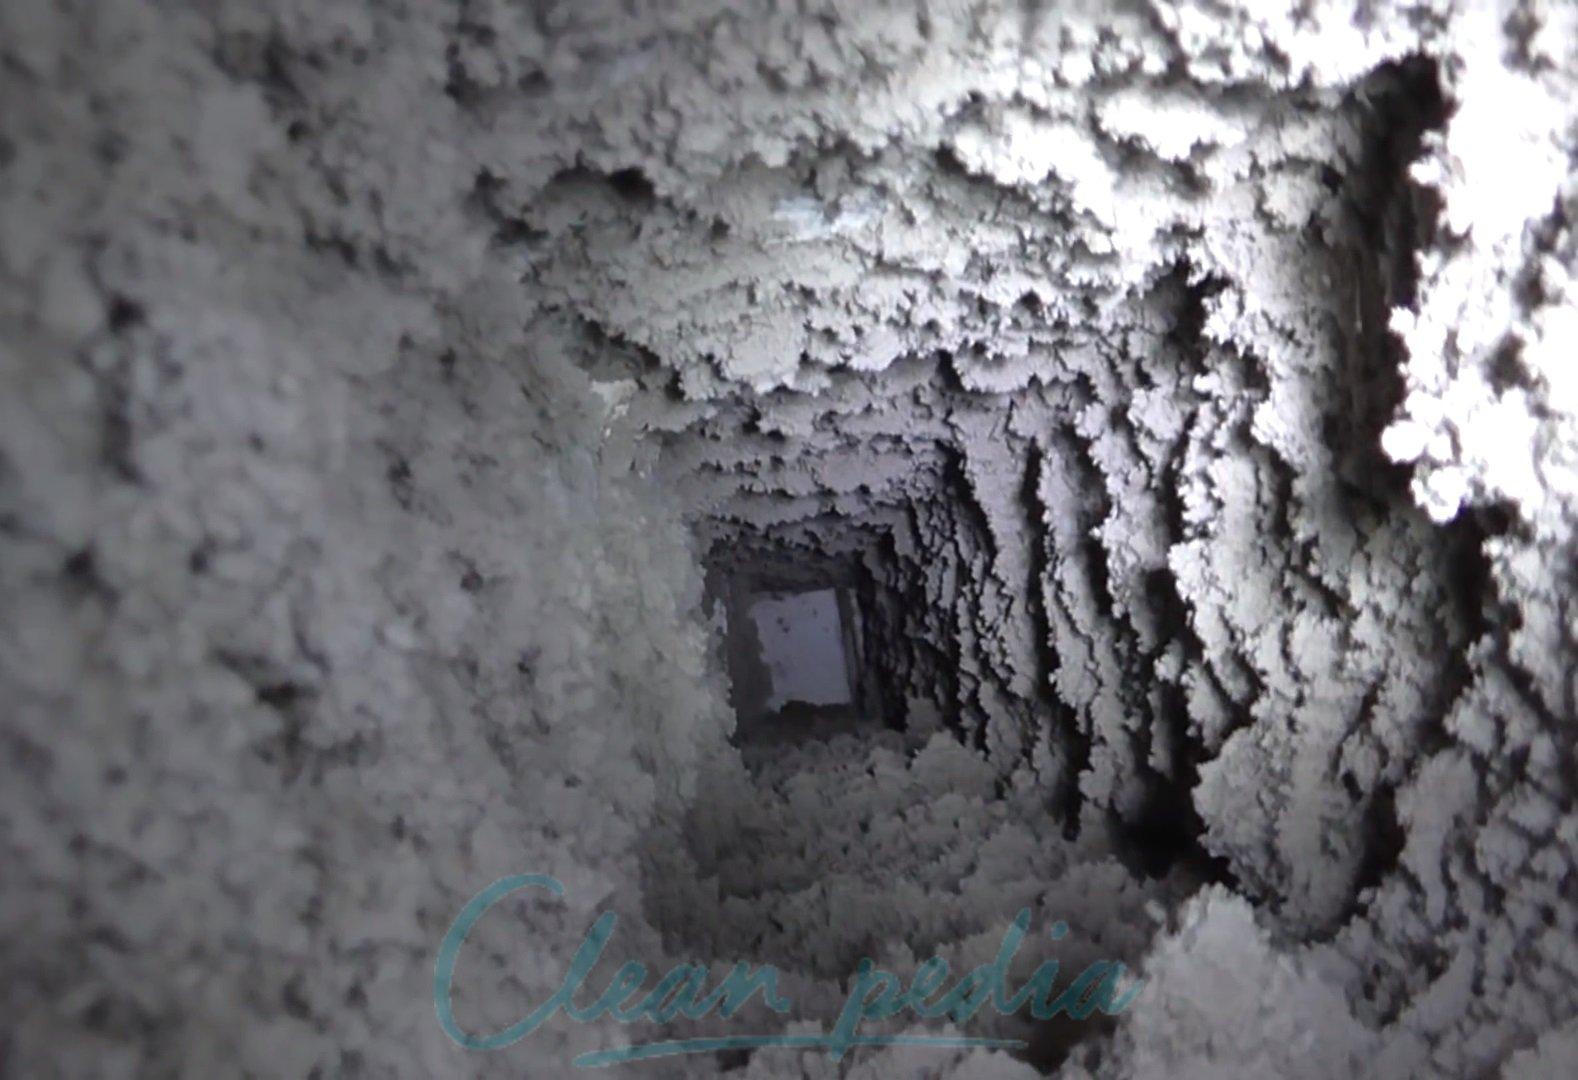 Чистка вентиляции: загрязнения и их причины, проверка системы, инструкция по удалению загрязнений, важность работы